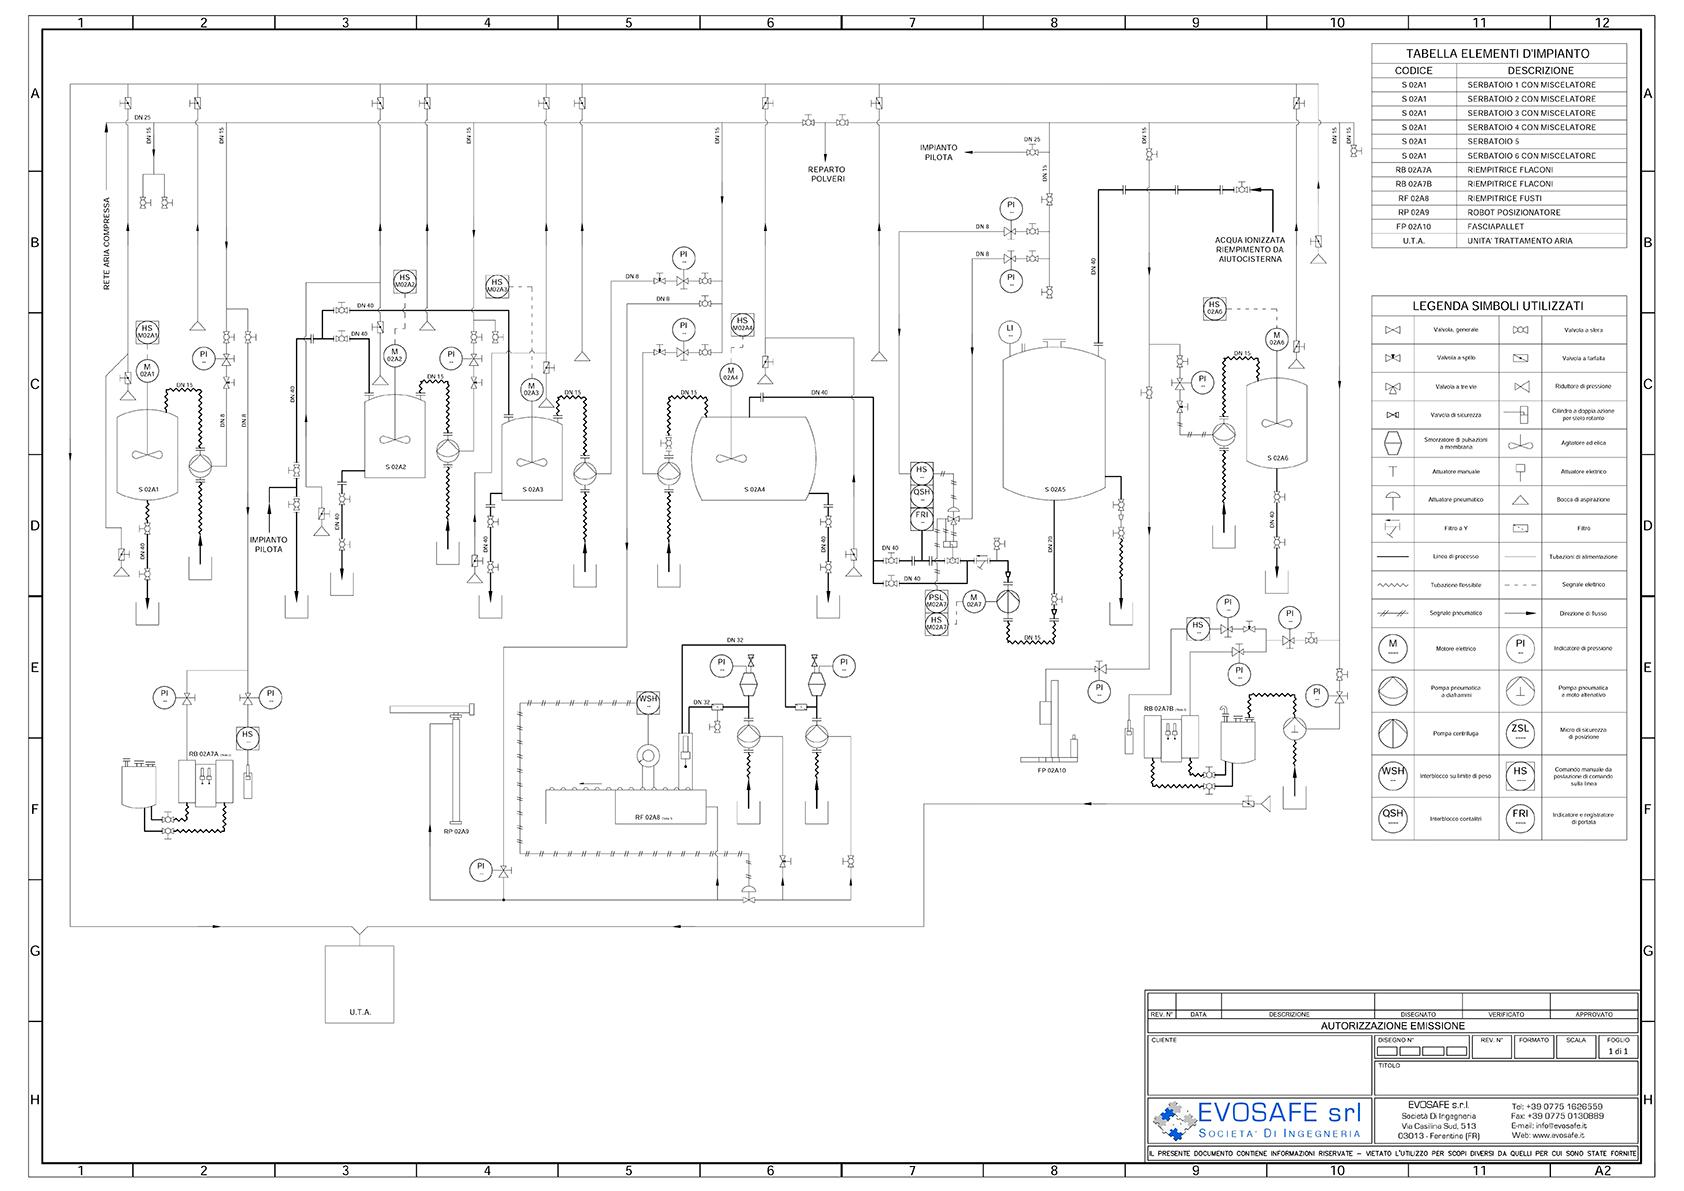 Elaborazioni P Amp Id